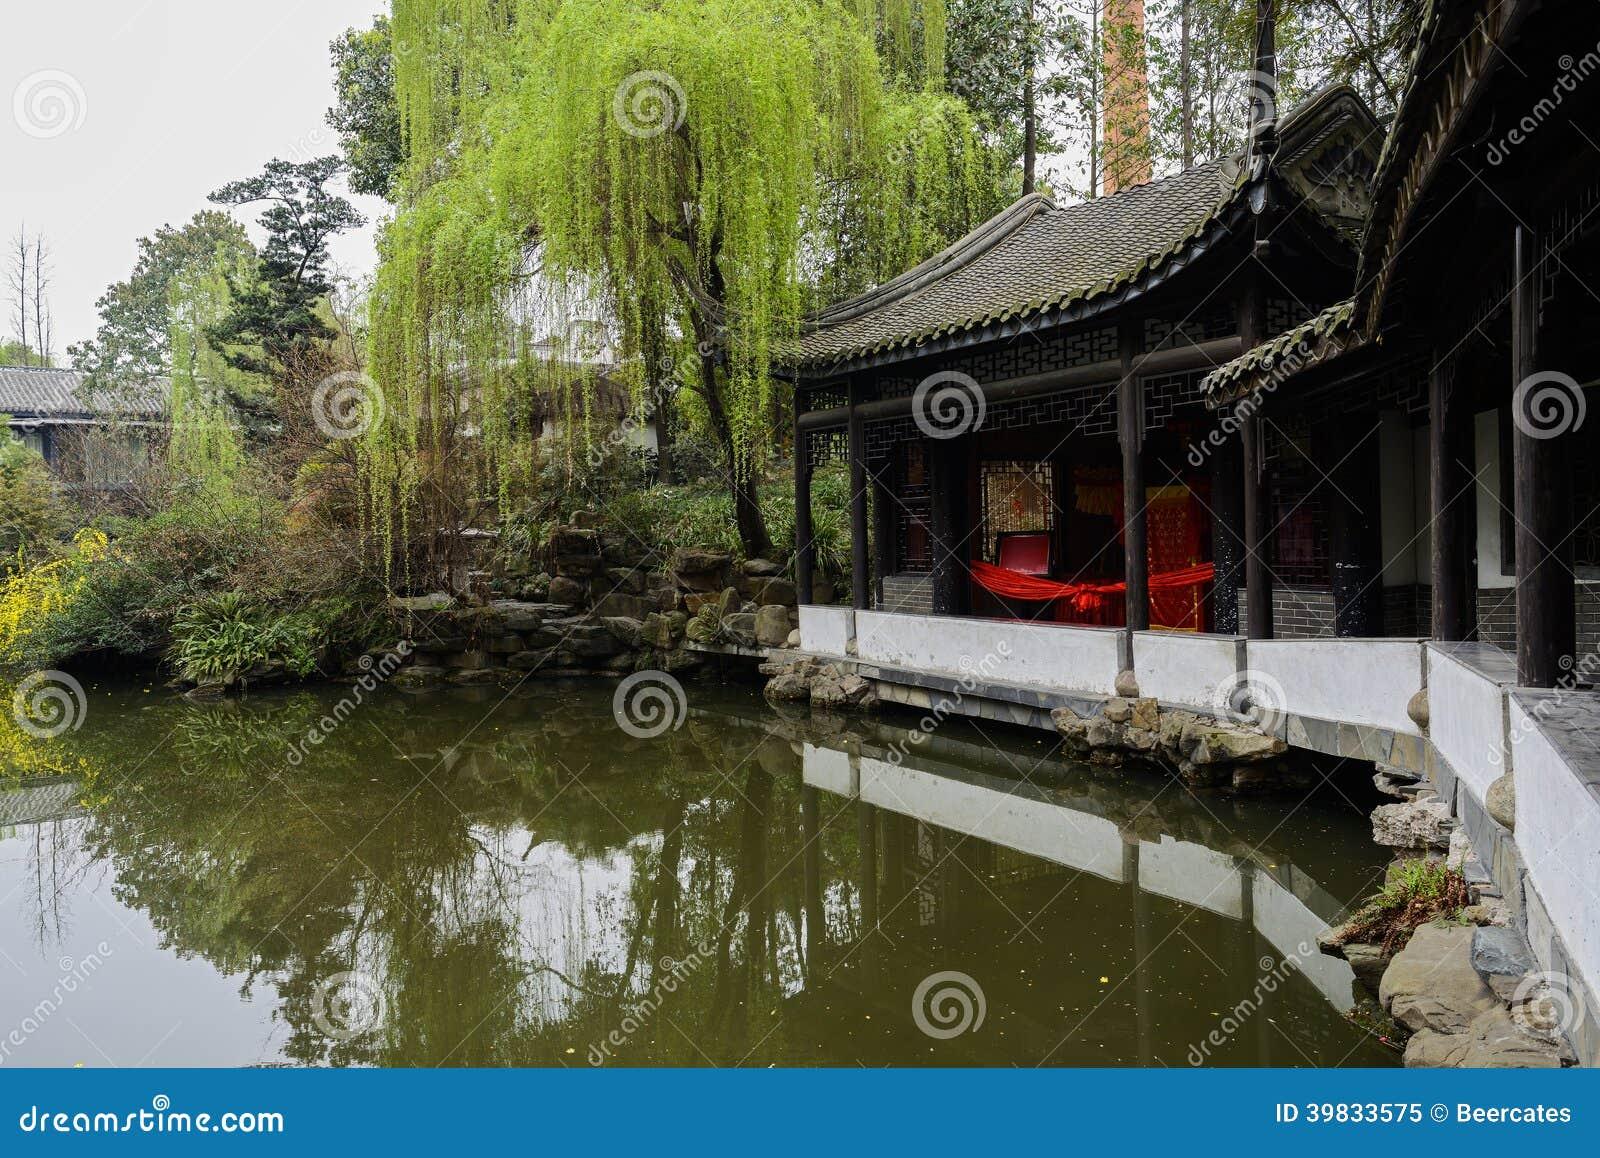 Åldrigt kinesiskt galleri vid vatten i vår